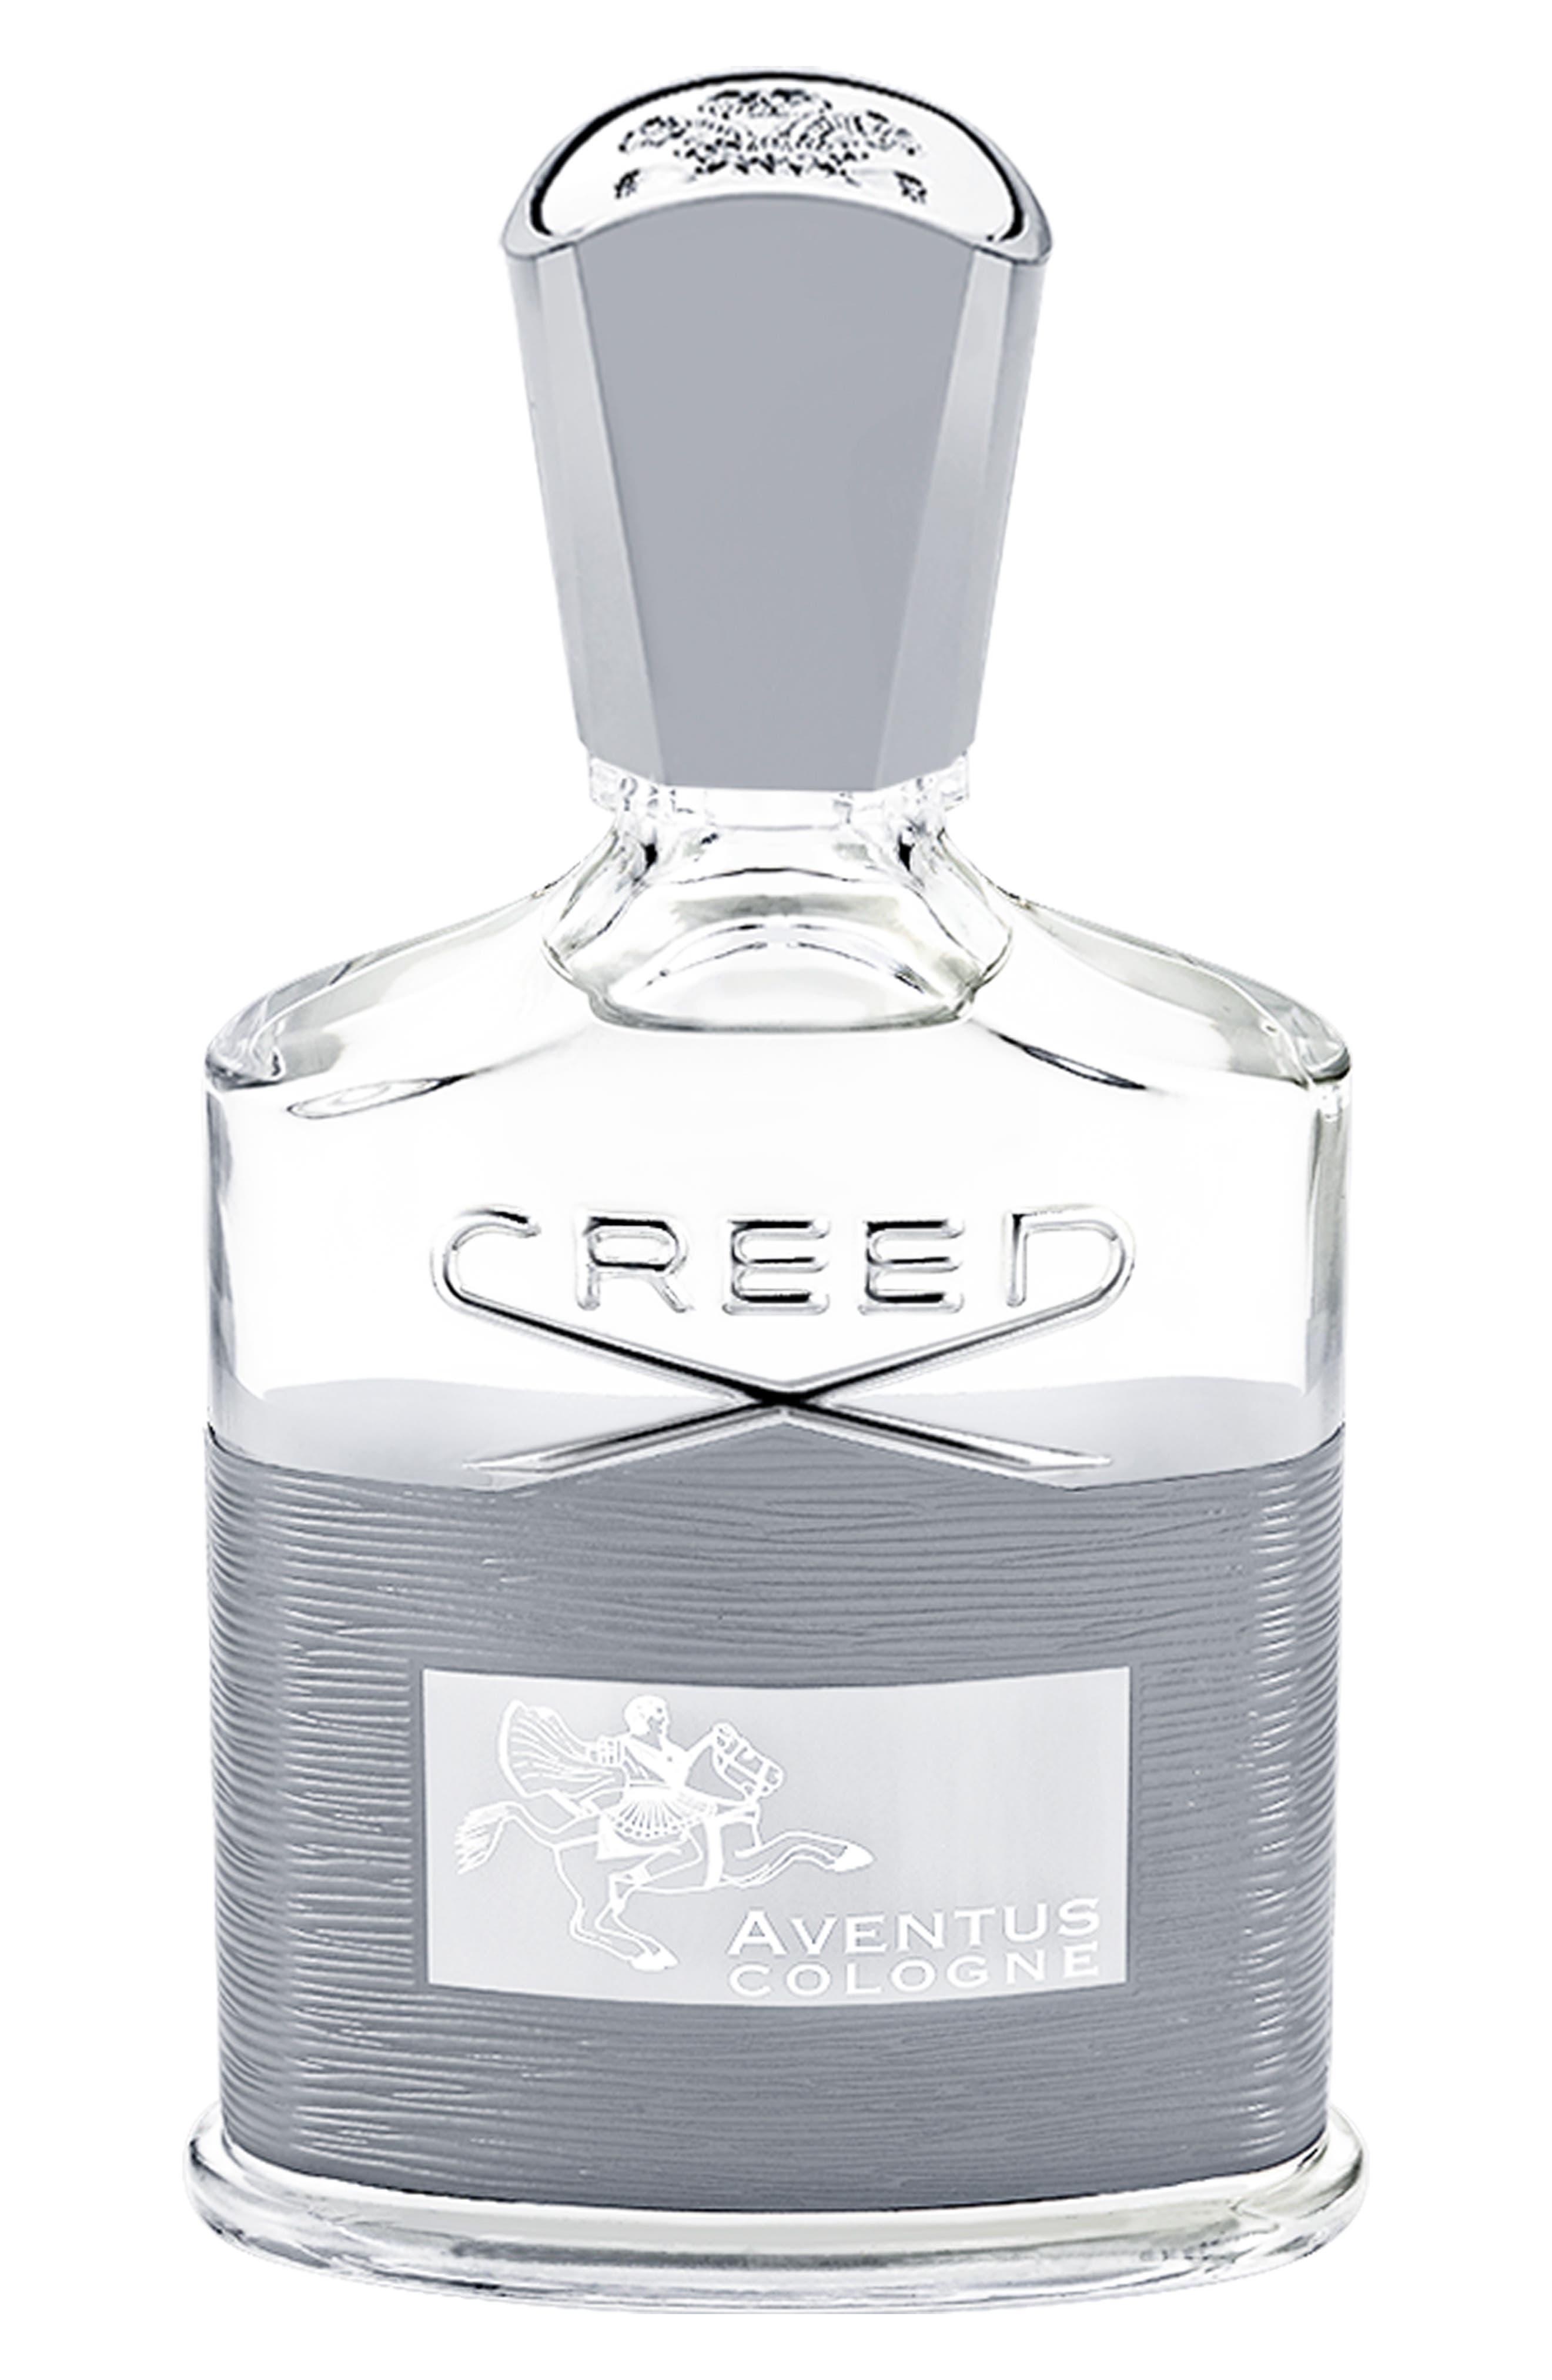 Aventus Cologne Eau De Parfum